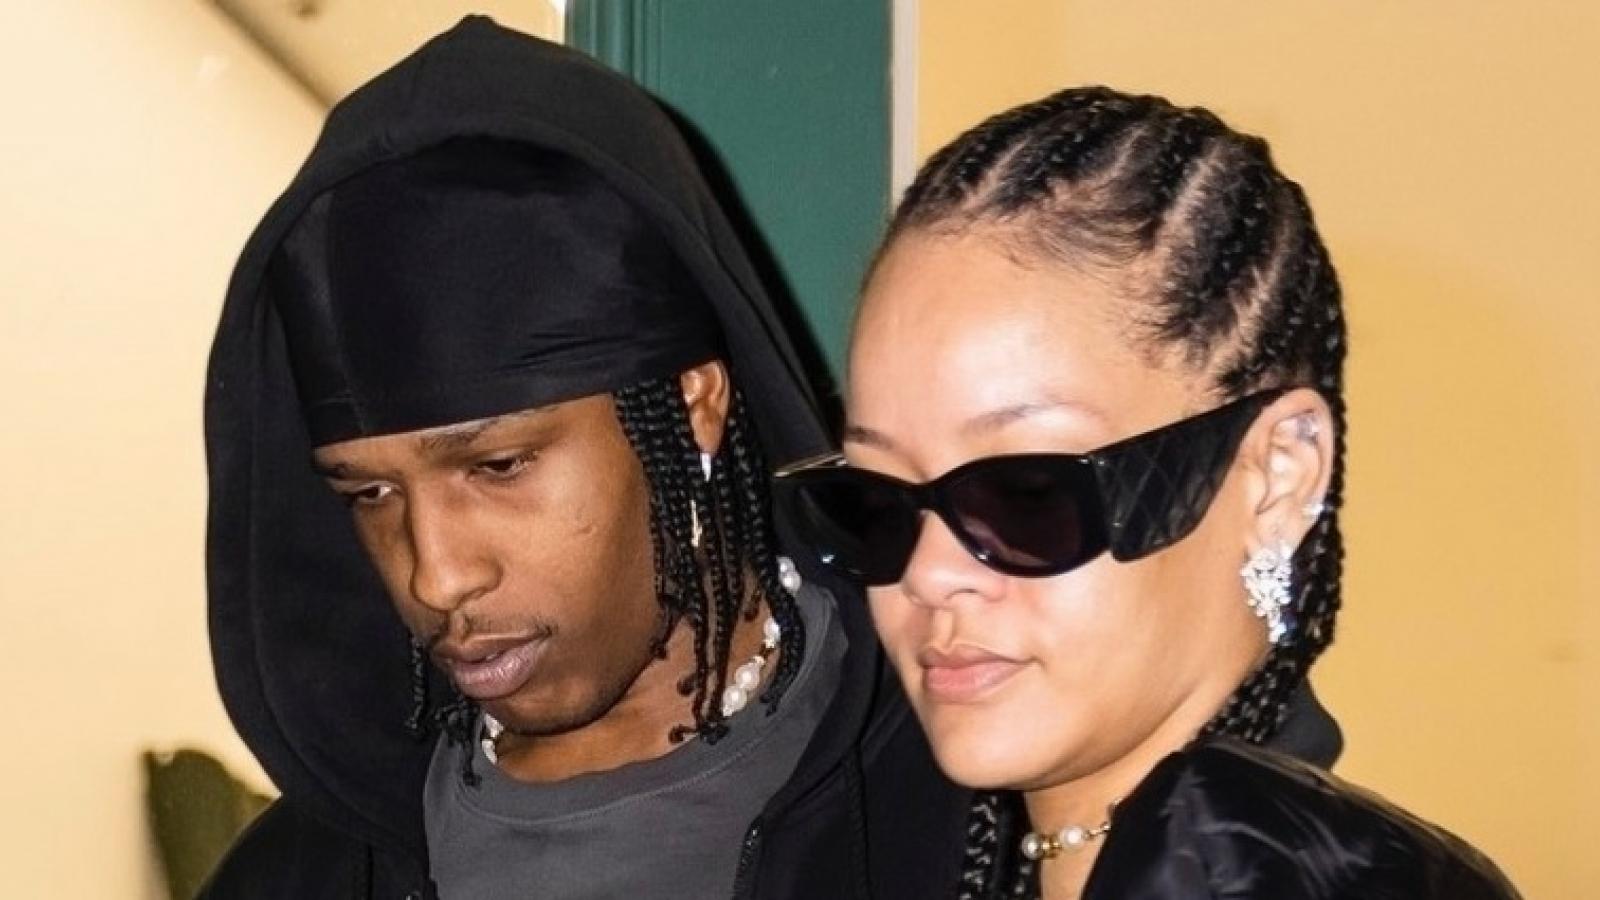 Tỷ phú Rihanna đeo trang sức sang trọng đi mua sắm cùng bạn trai rapper